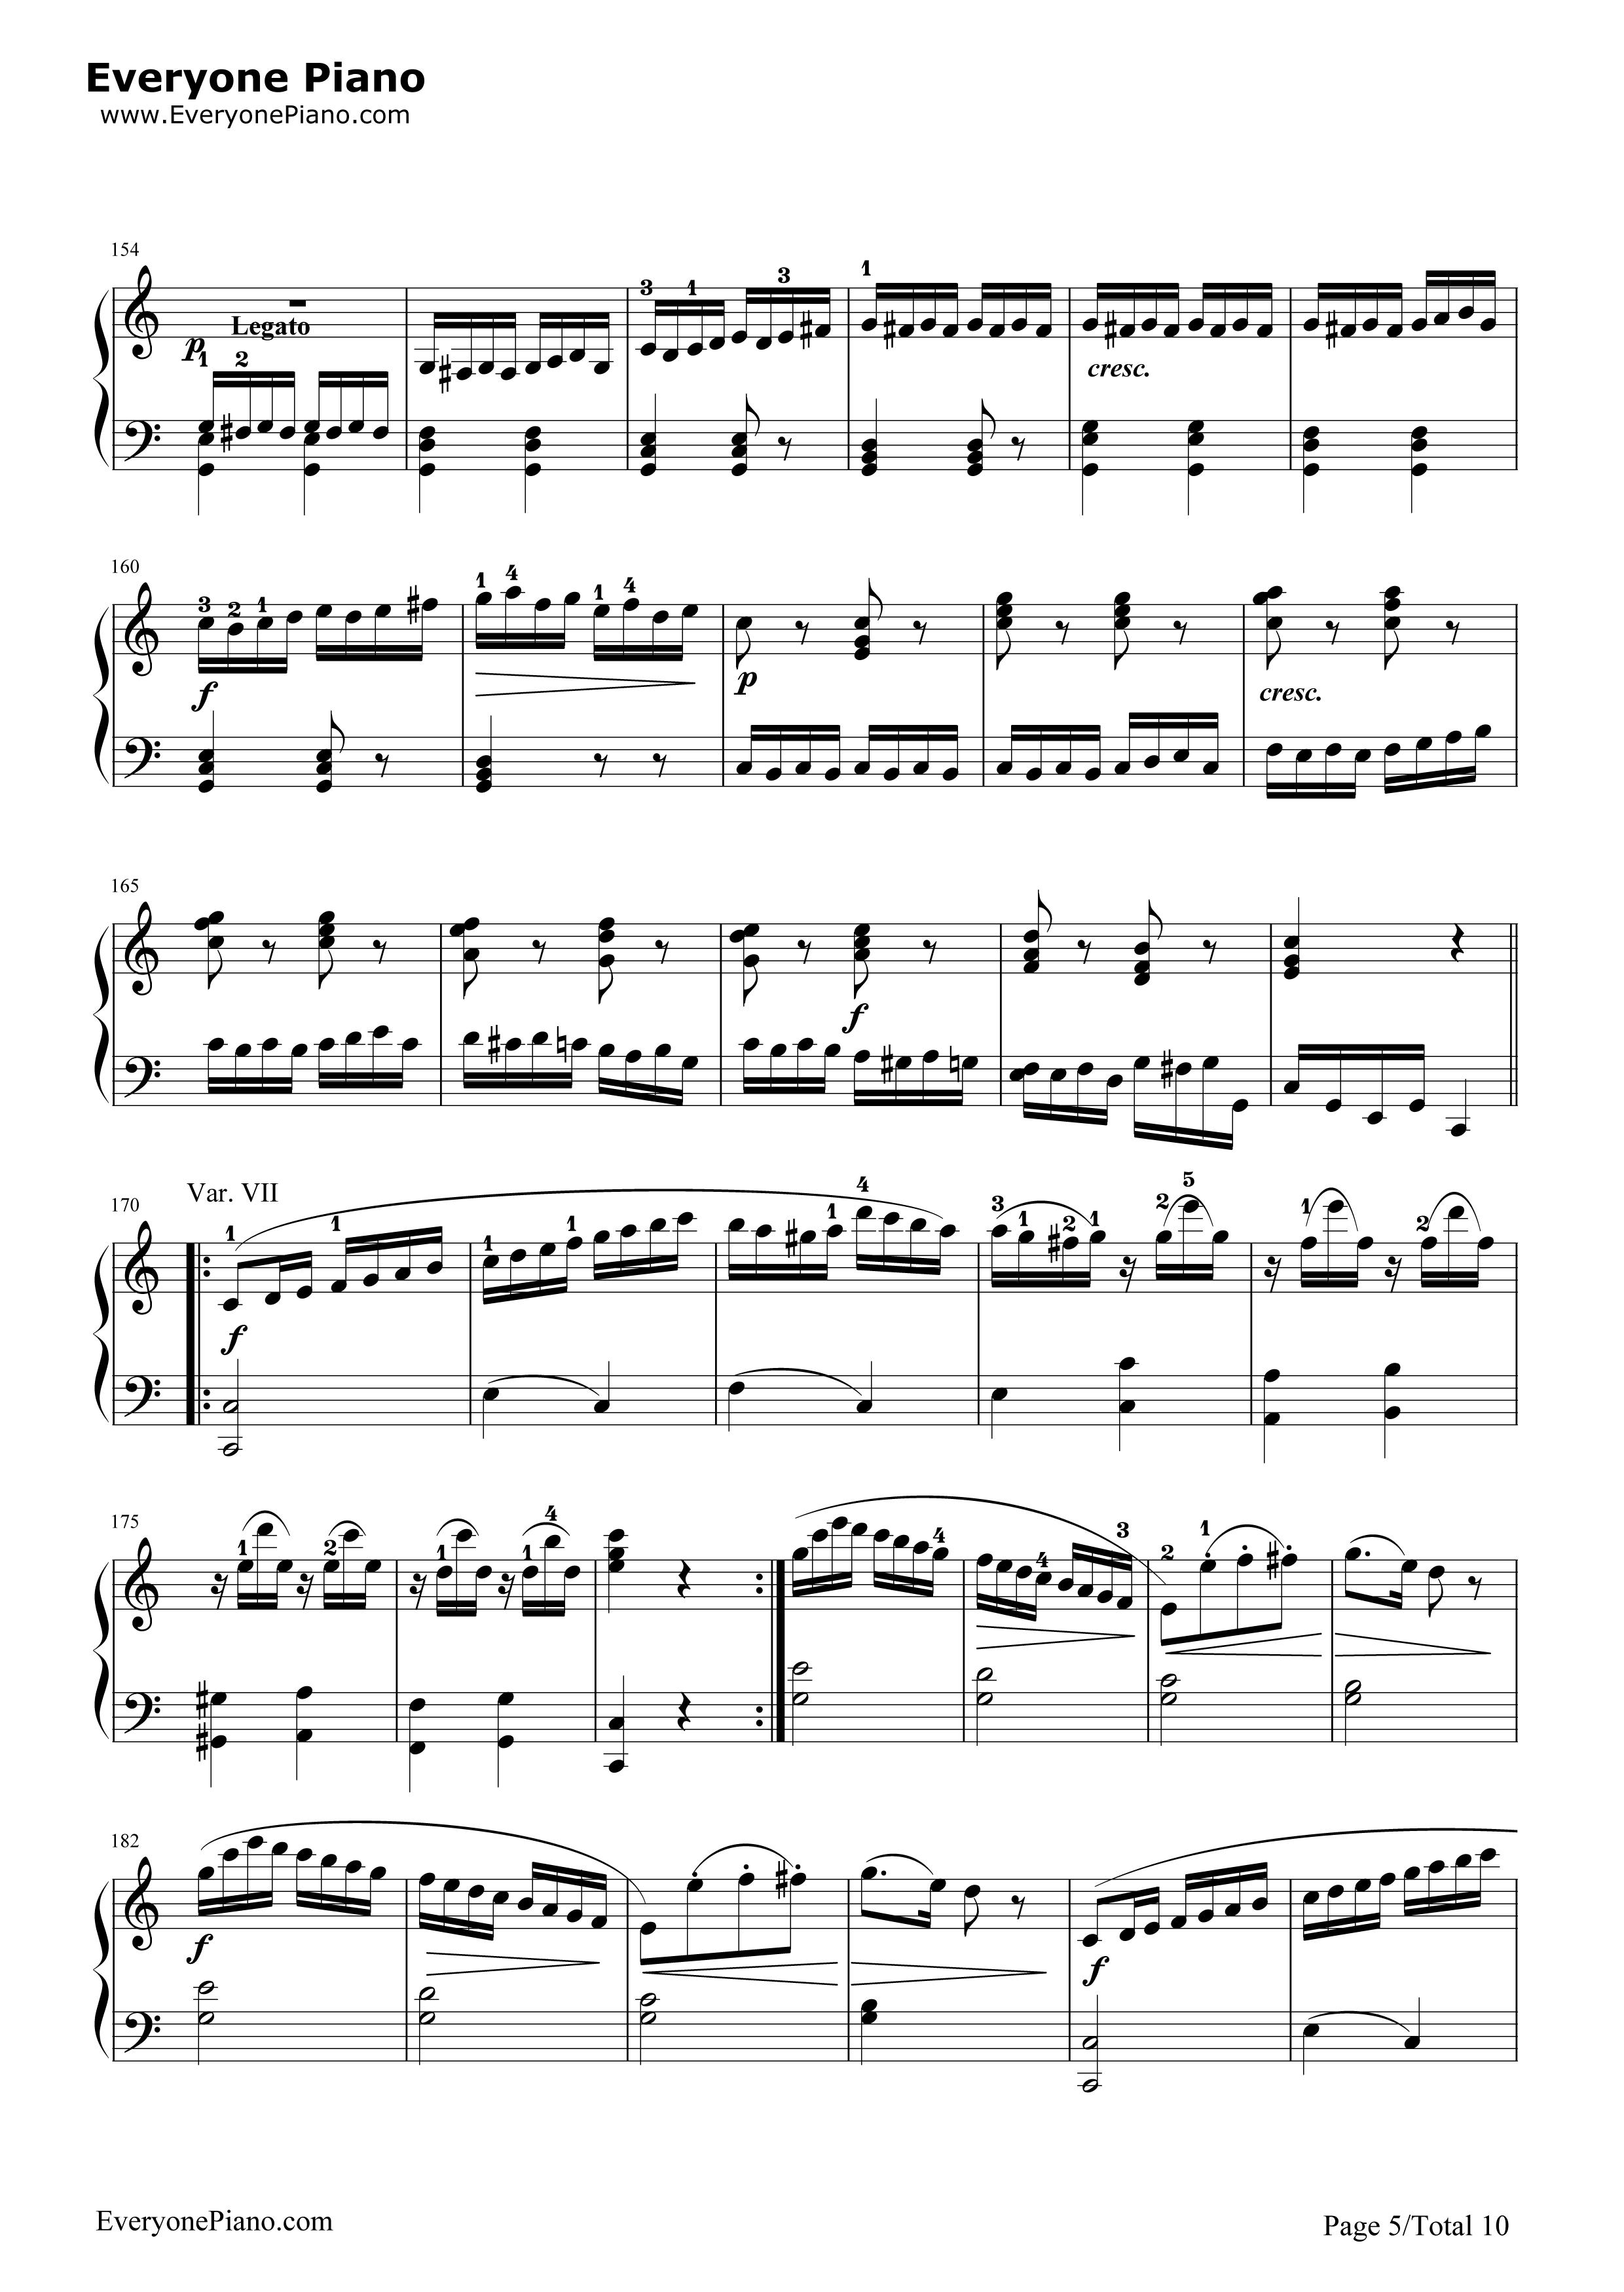 きらきら 星 変奏 曲 きらきら星変奏曲の難易度はピアノ演奏でどれくらいか